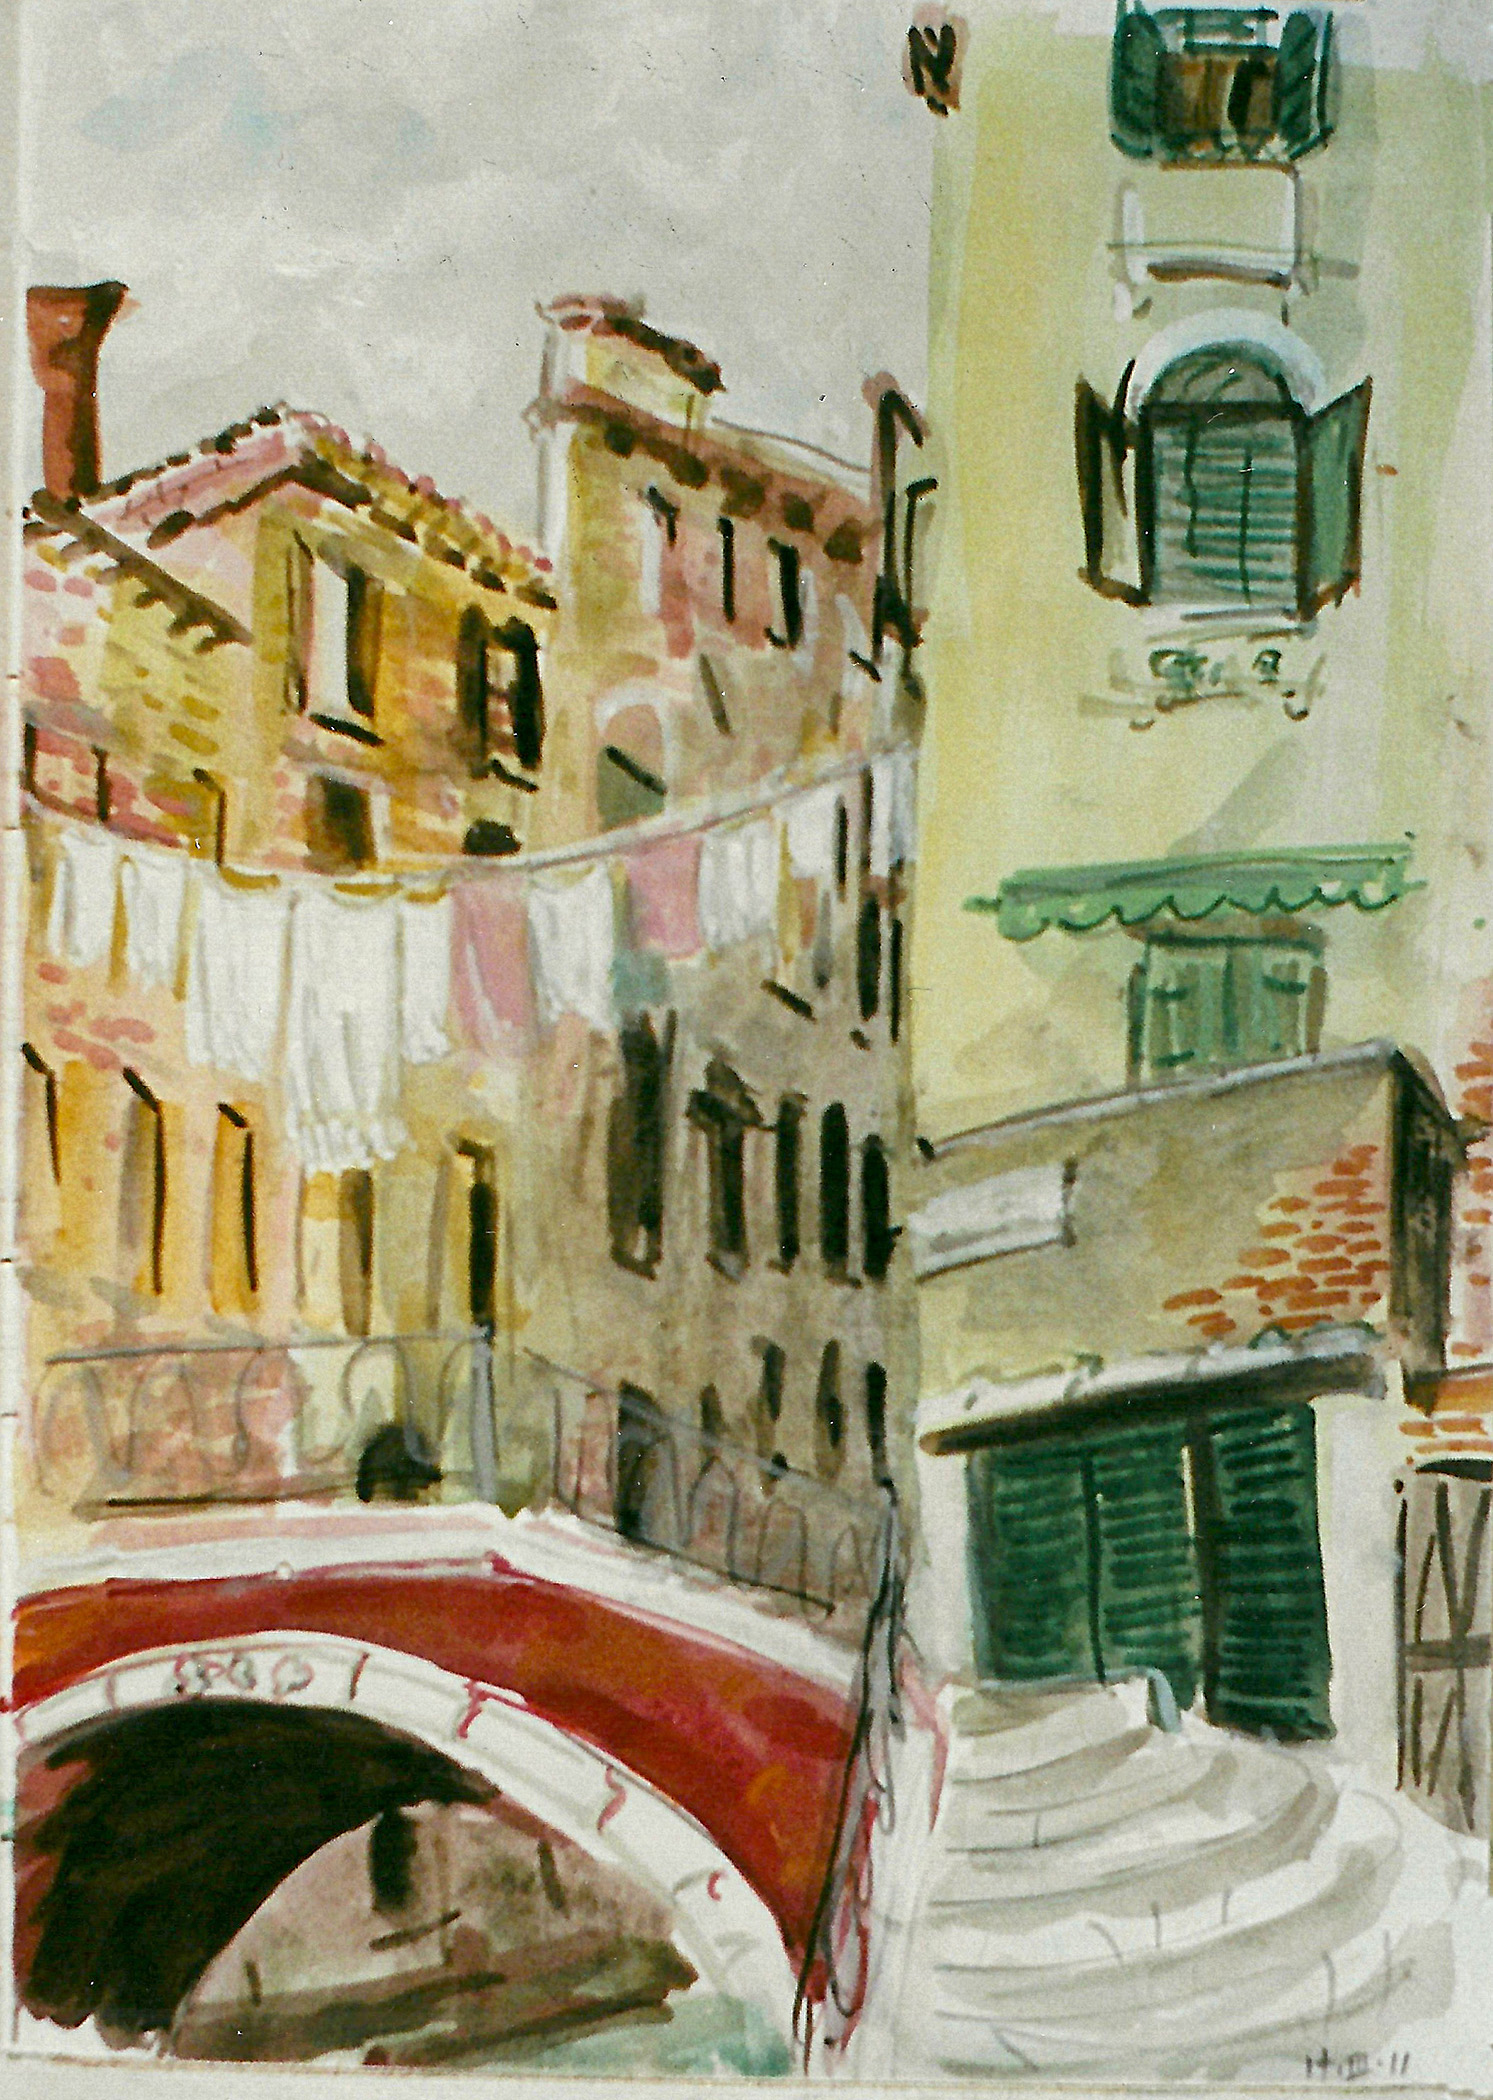 Laundry, Venice 2011